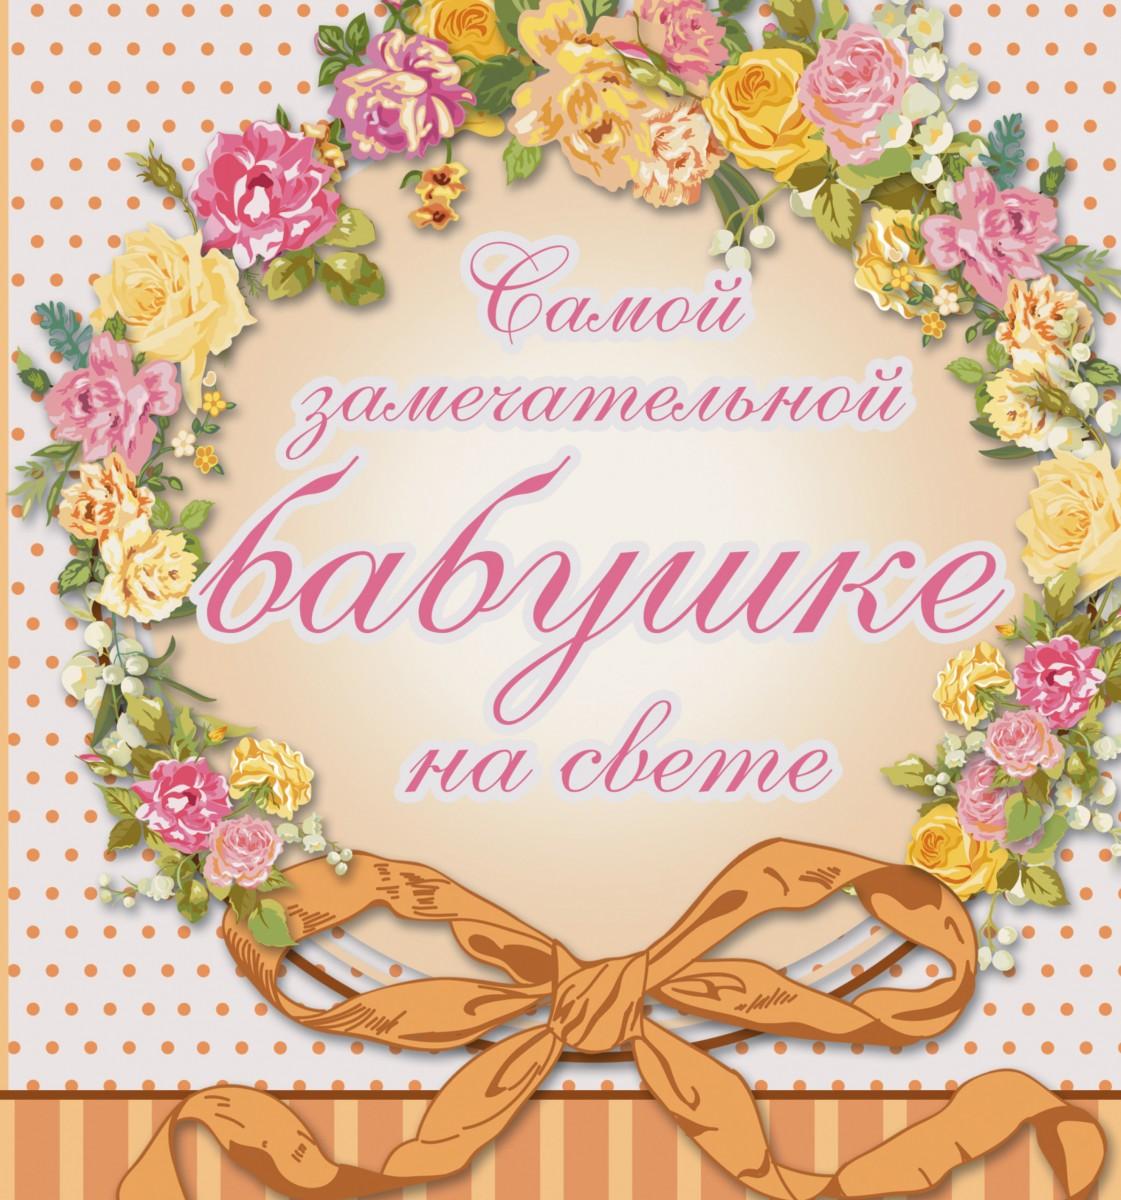 Поздравление с днем рождения внучку от бабушки своими словами